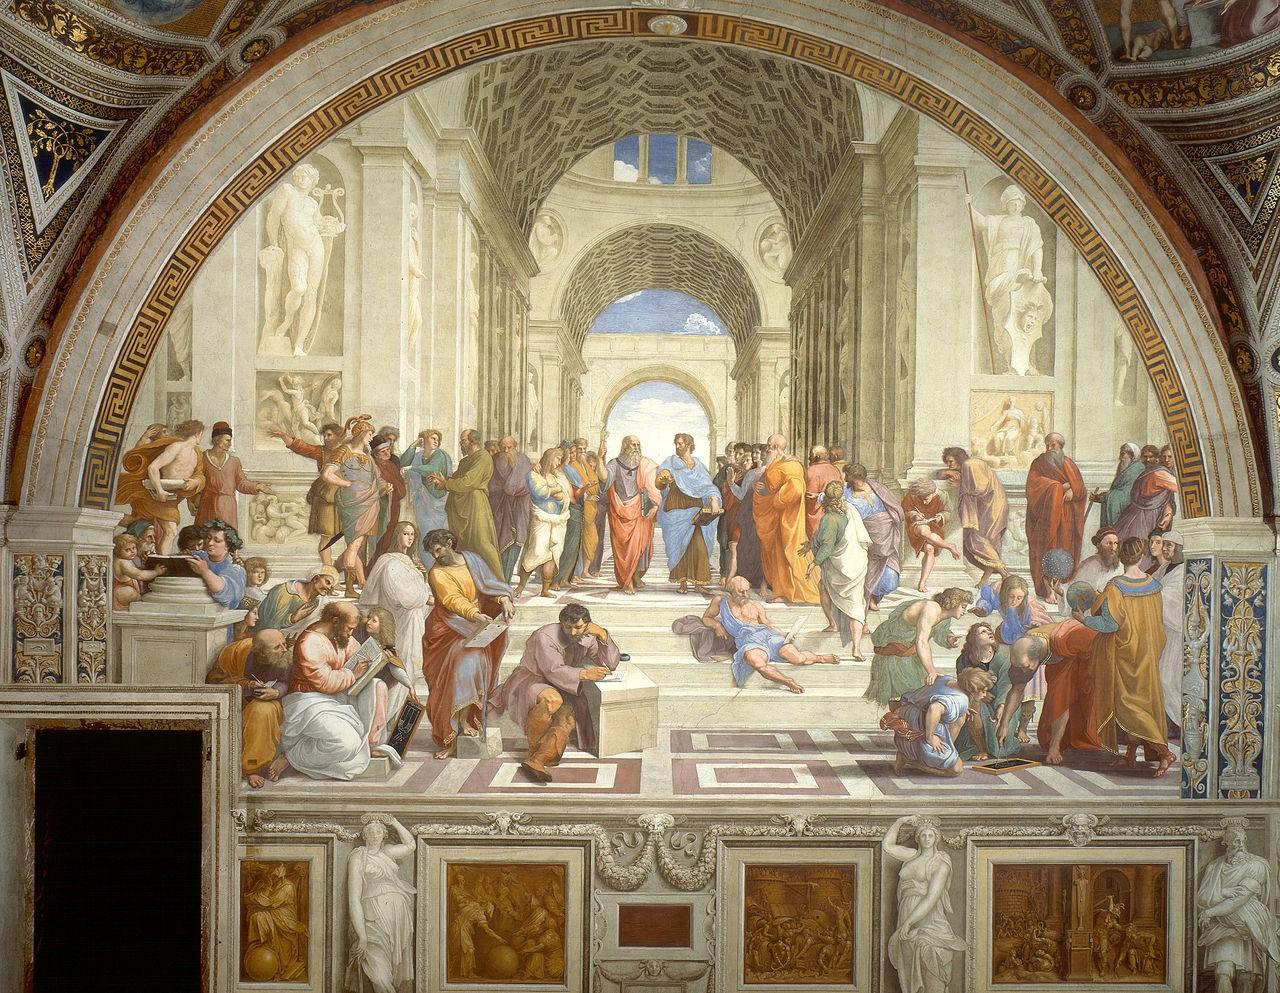 Рафаэль Санти, фреска «Афинская школа»